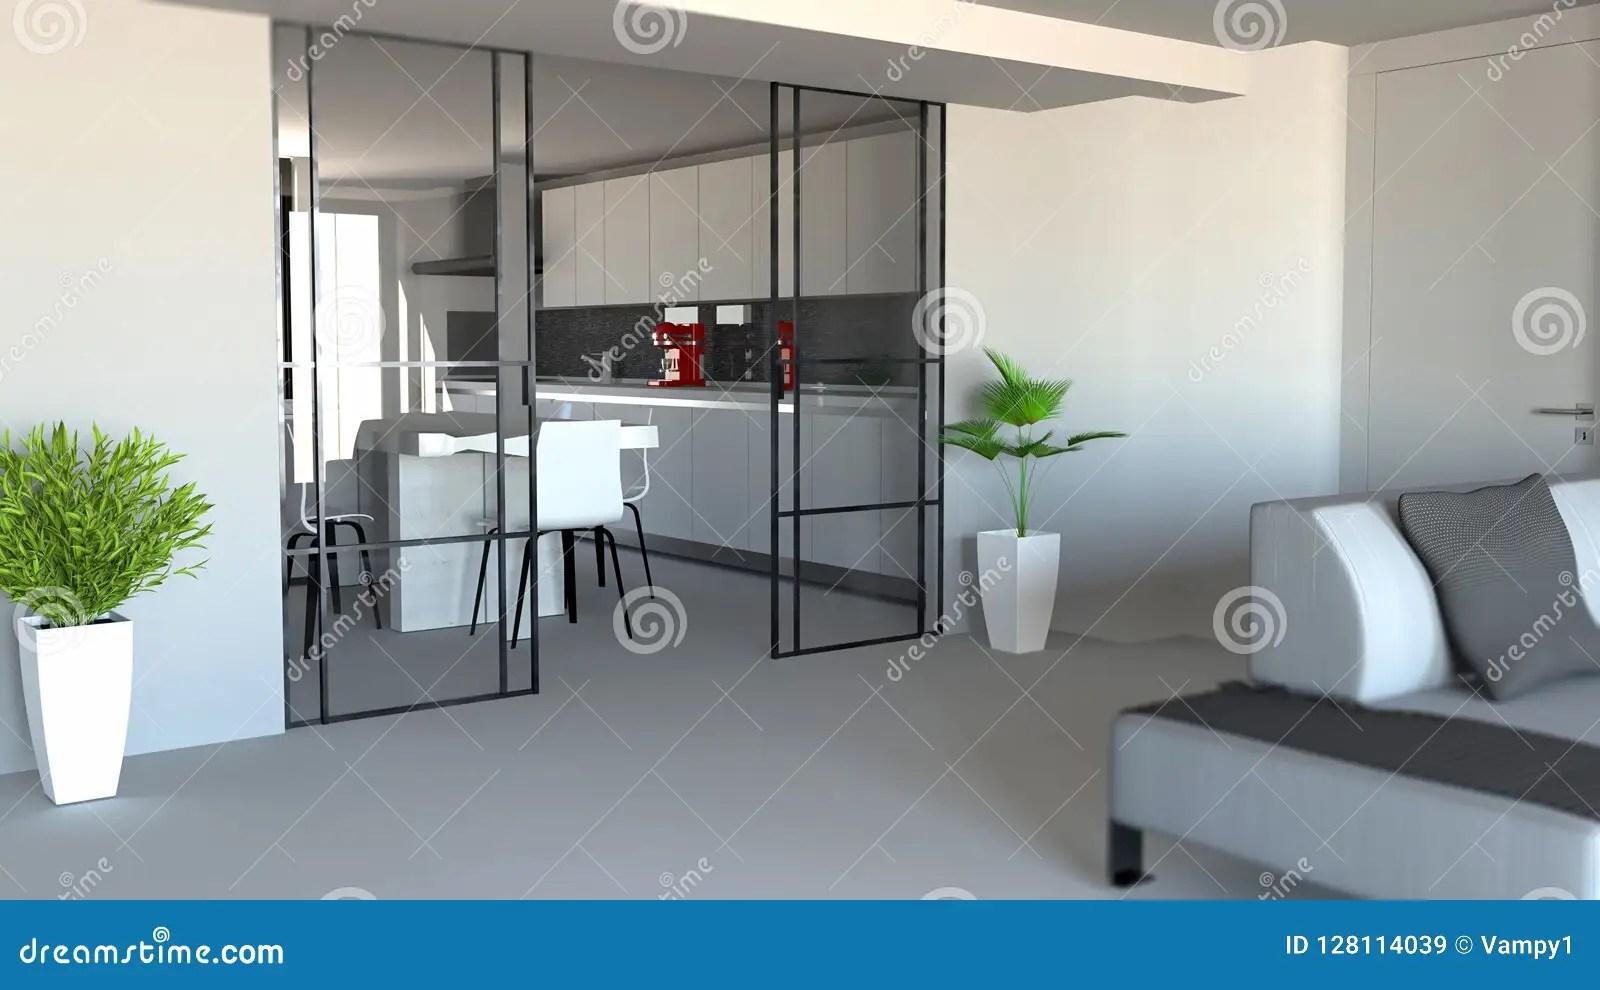 Schiebetür Wohnzimmer Und Küchenfach Moderner Wohnungseingang